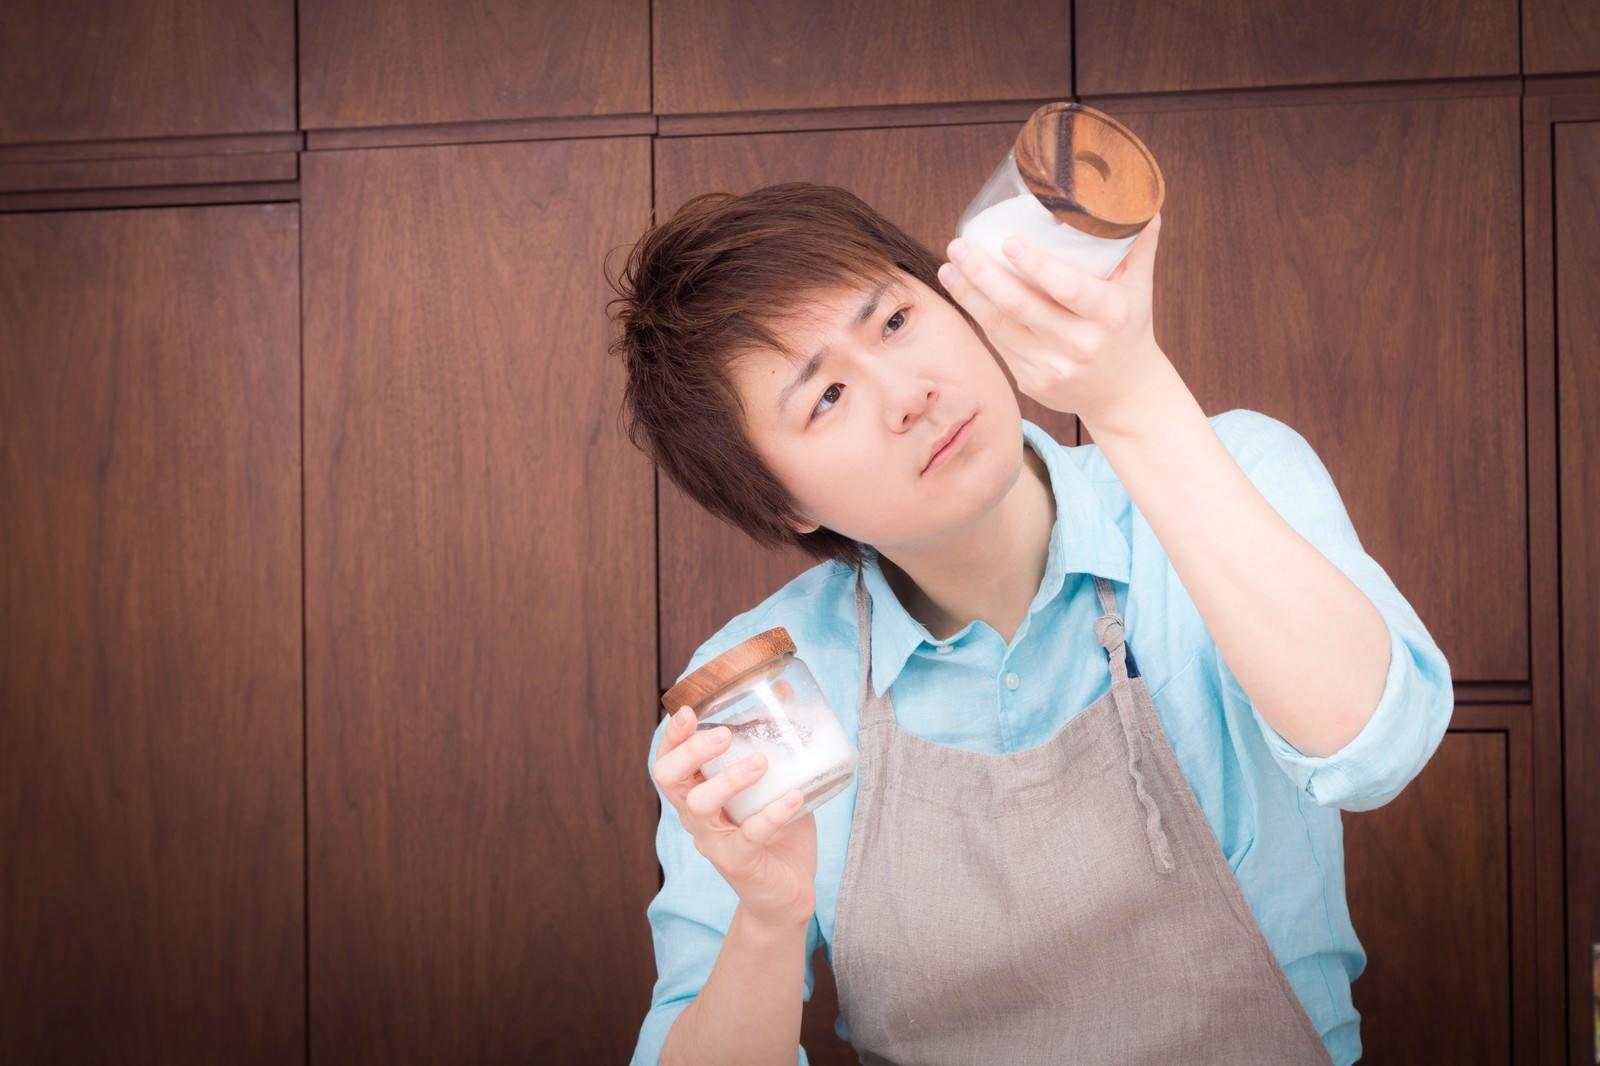 「塩と砂糖の違いを結晶の形で見切る夫(やべ、さっき入れたの砂糖だったわ・・・)」の写真[モデル:五十嵐夫妻]